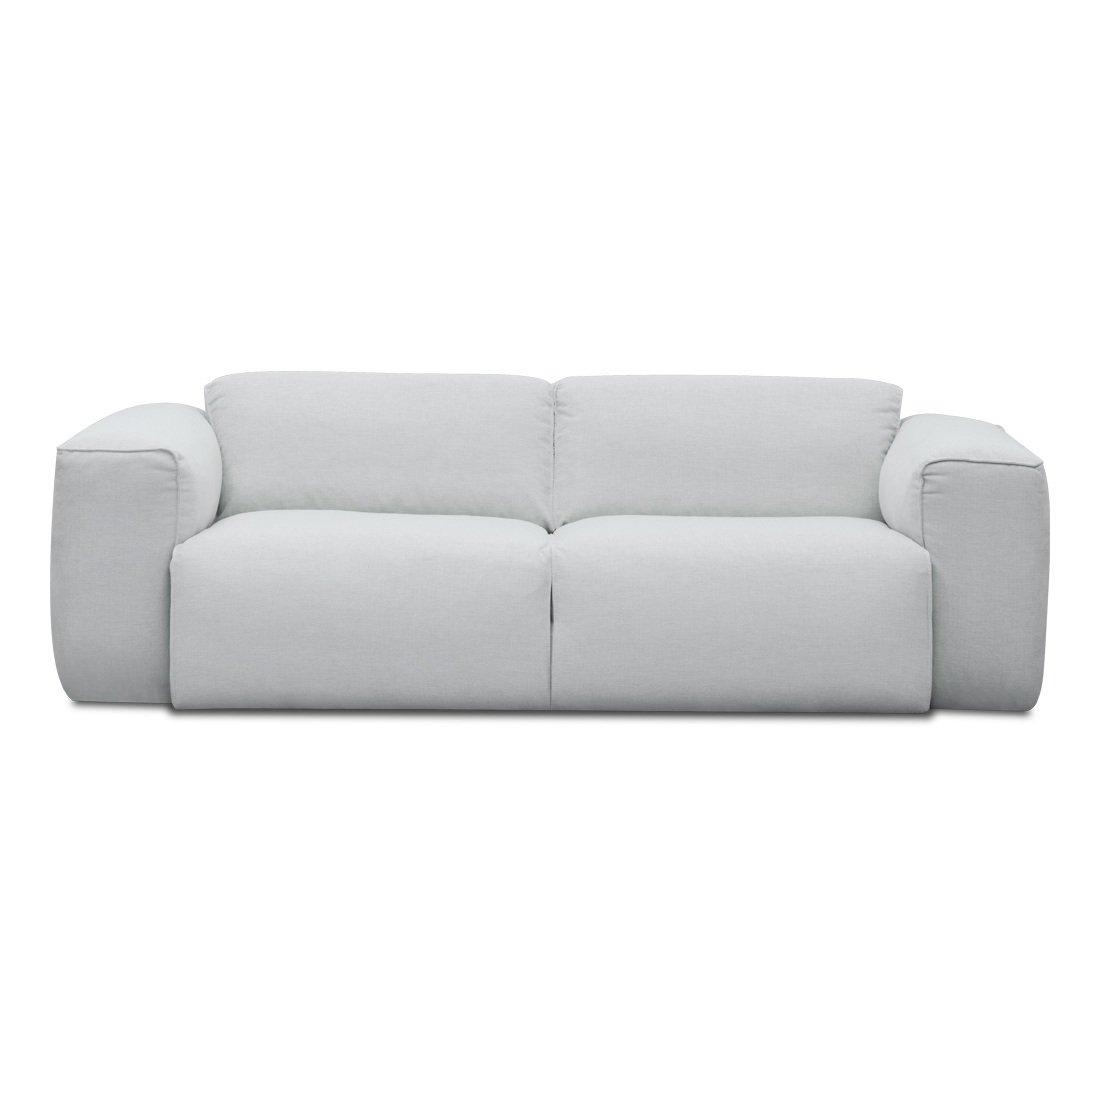 2-Sitzer Sofa Silber Designer Couch Sofa günstig kaufen